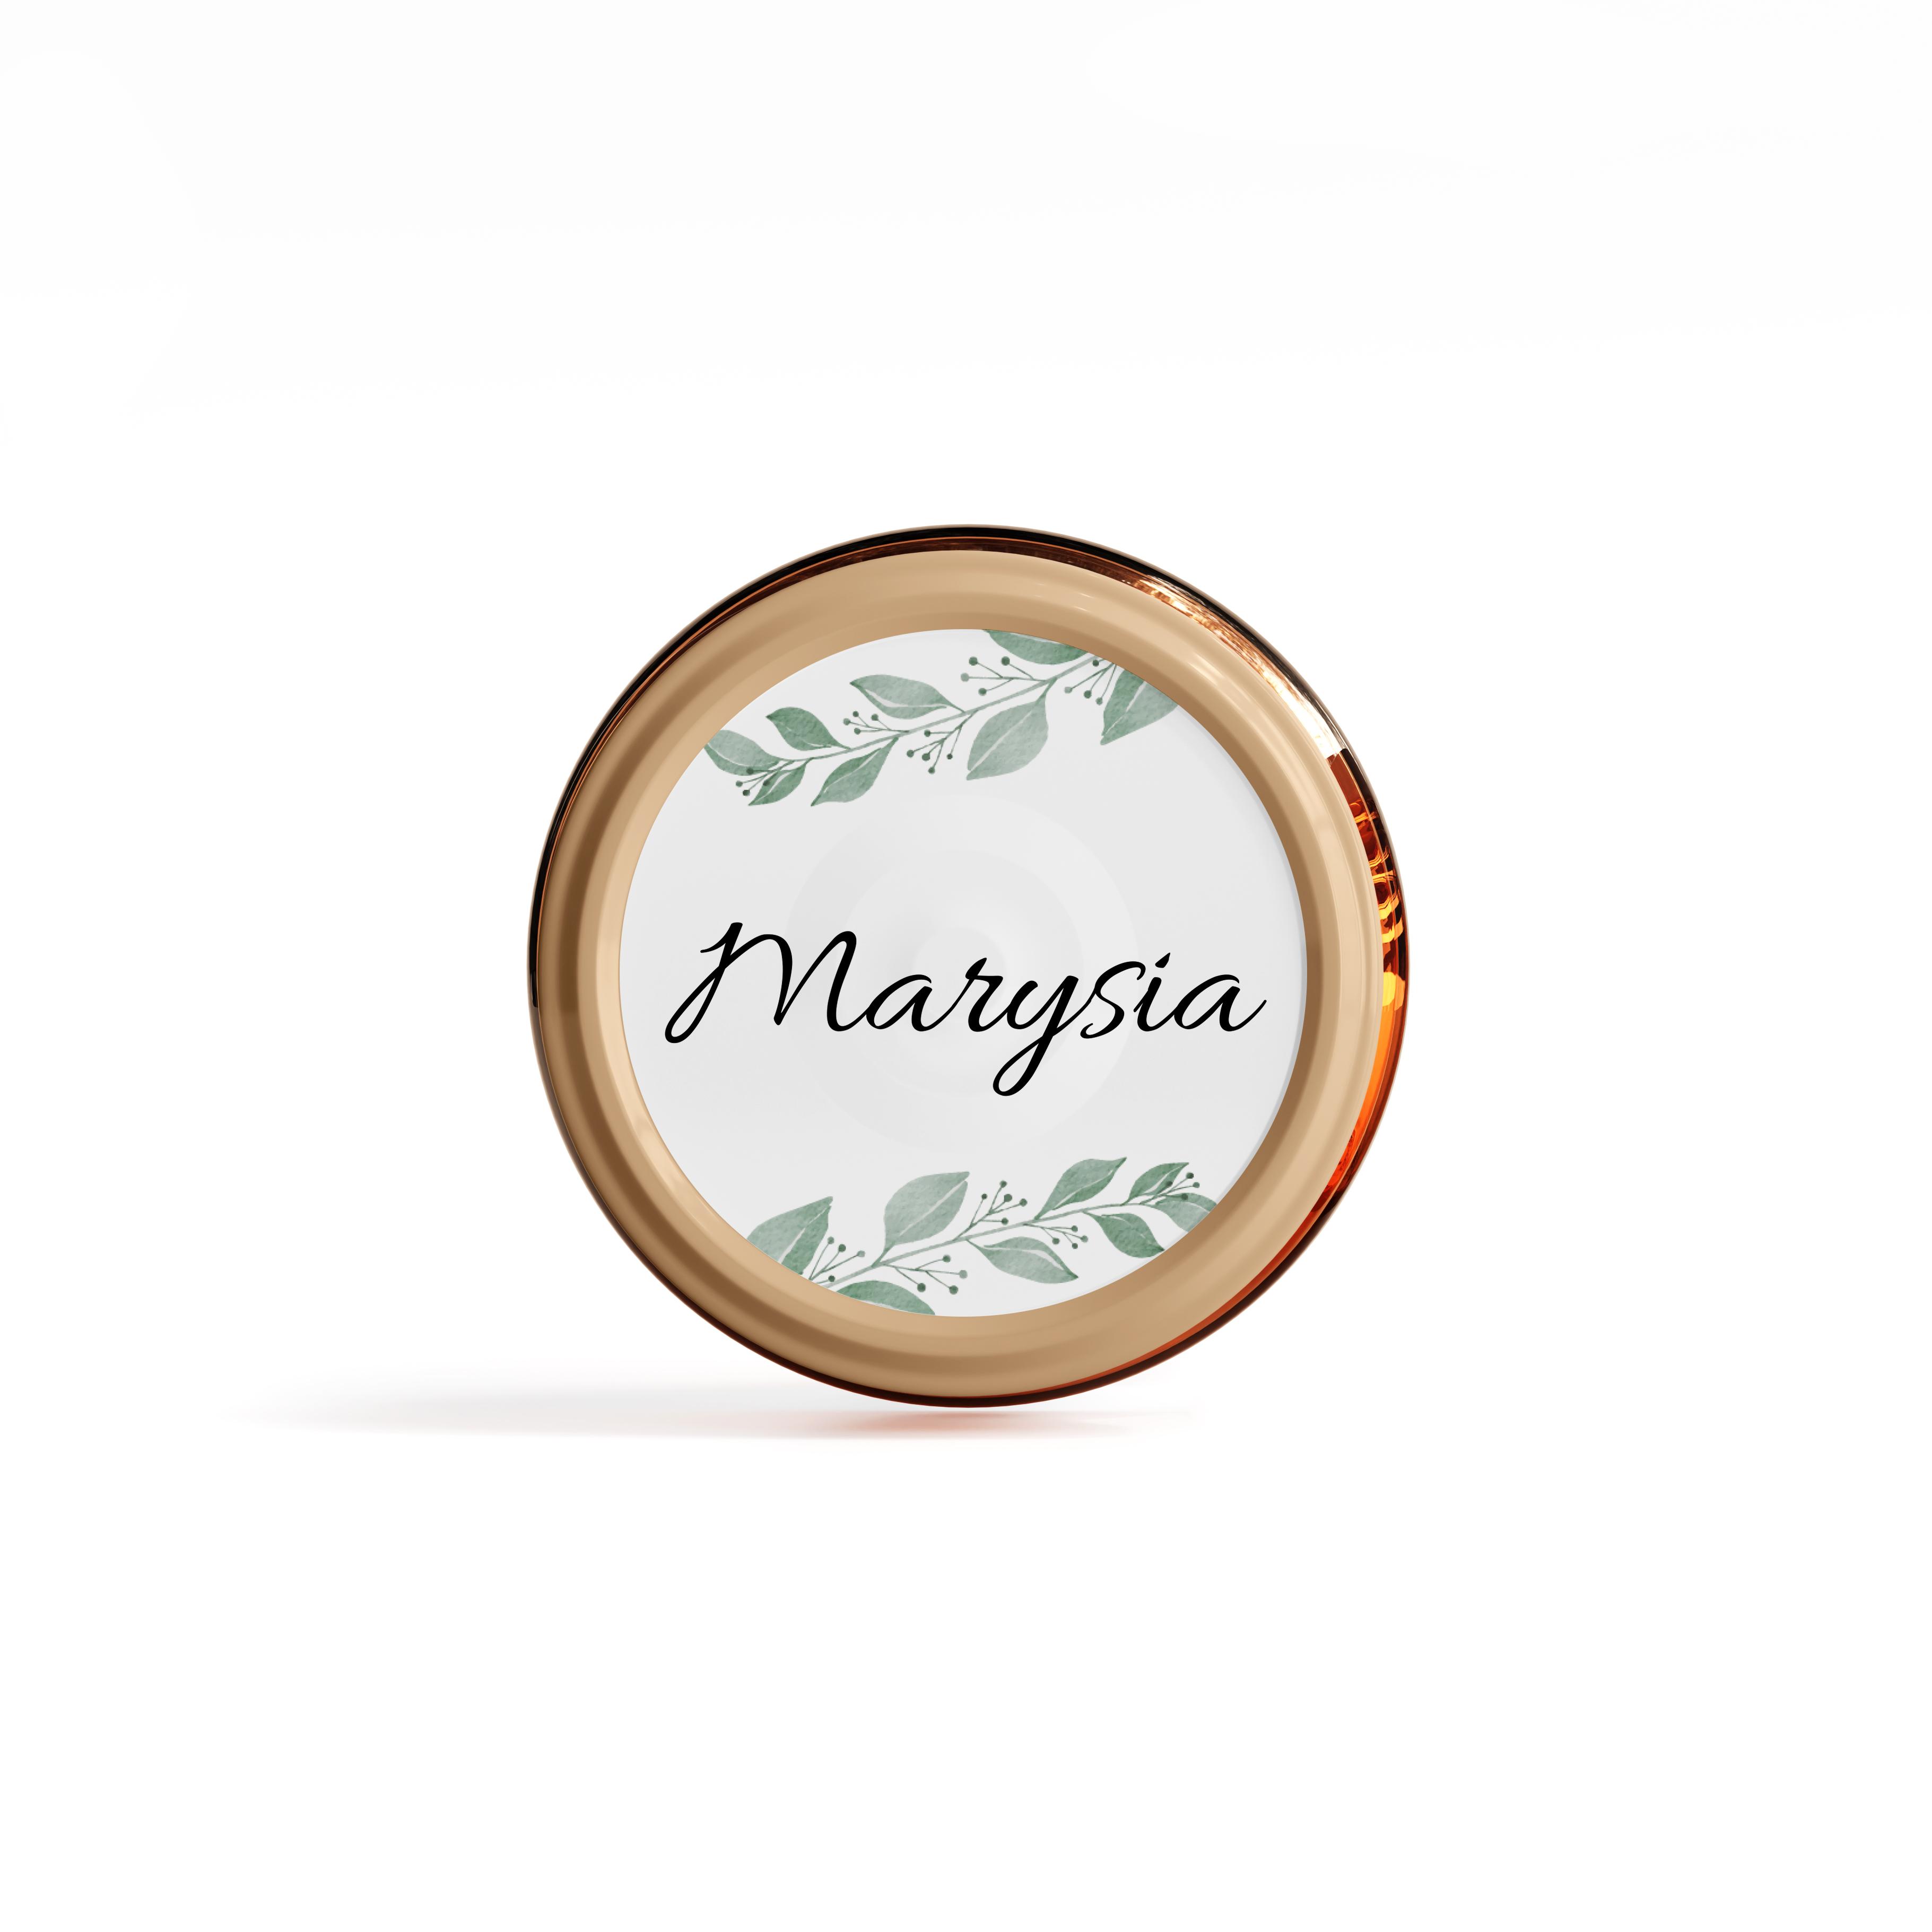 Naklejki etykiety okrągłe z imieniem na słoiczki z miodem chrzest podziękowanie dla gości rustykalne botaniczne